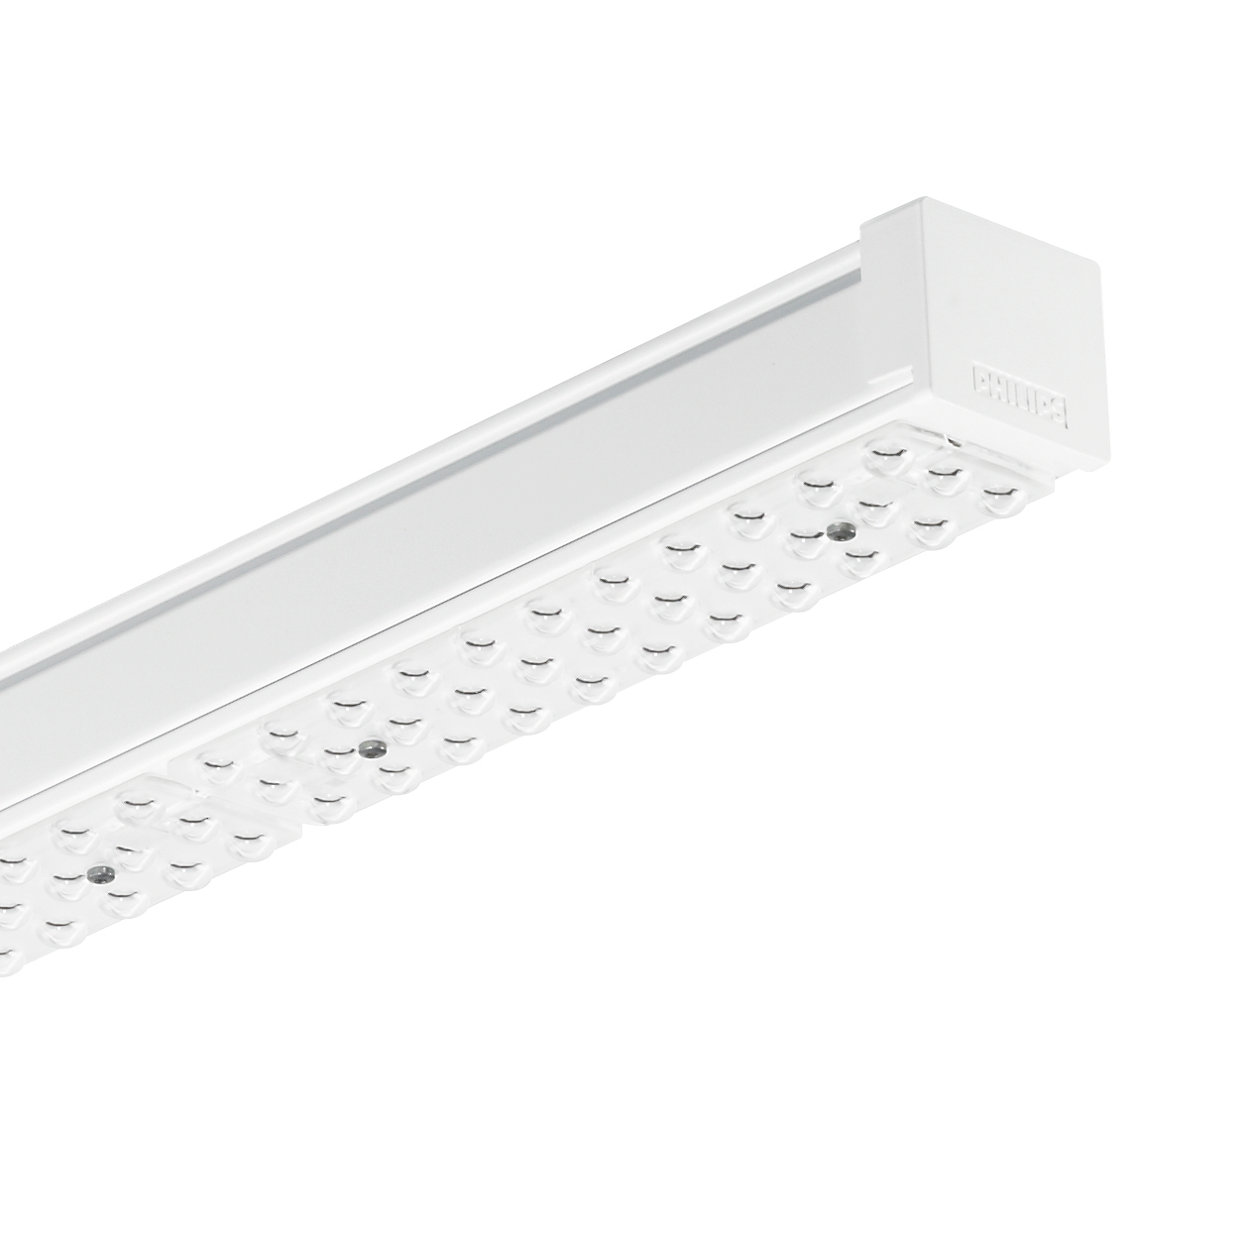 Inserts Maxos LED pour TTX400 – le champion de l'efficacité alliée à une rentabilité élevée